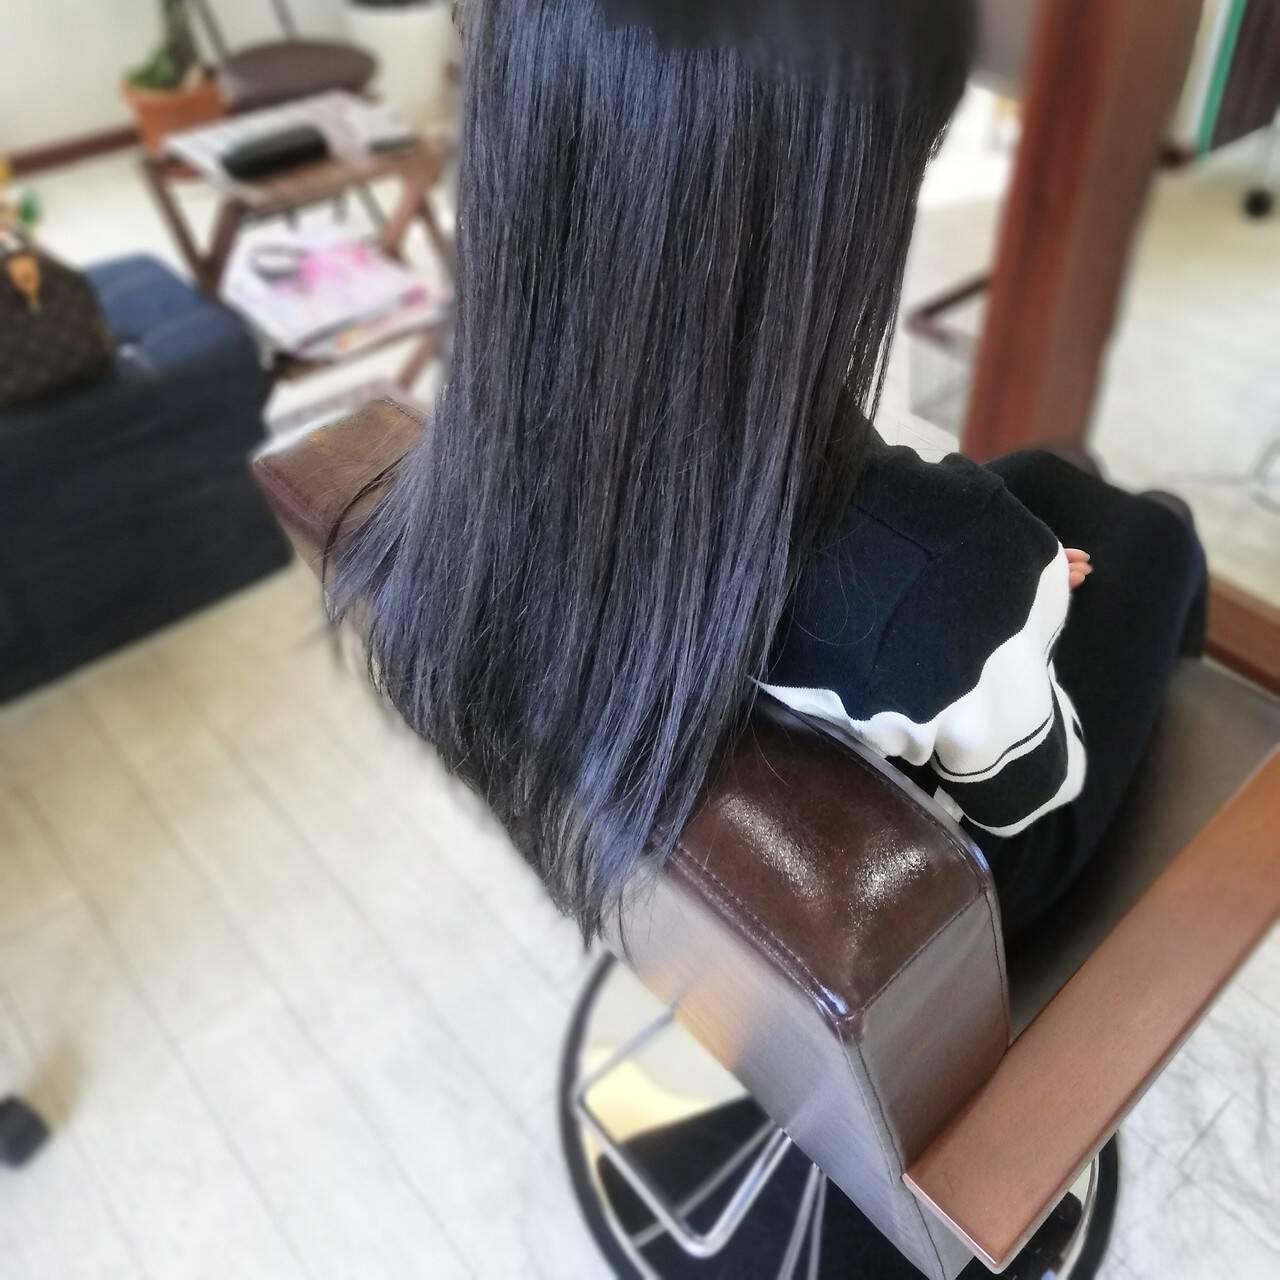 ナチュラル ロング アッシュグレーヘアスタイルや髪型の写真・画像